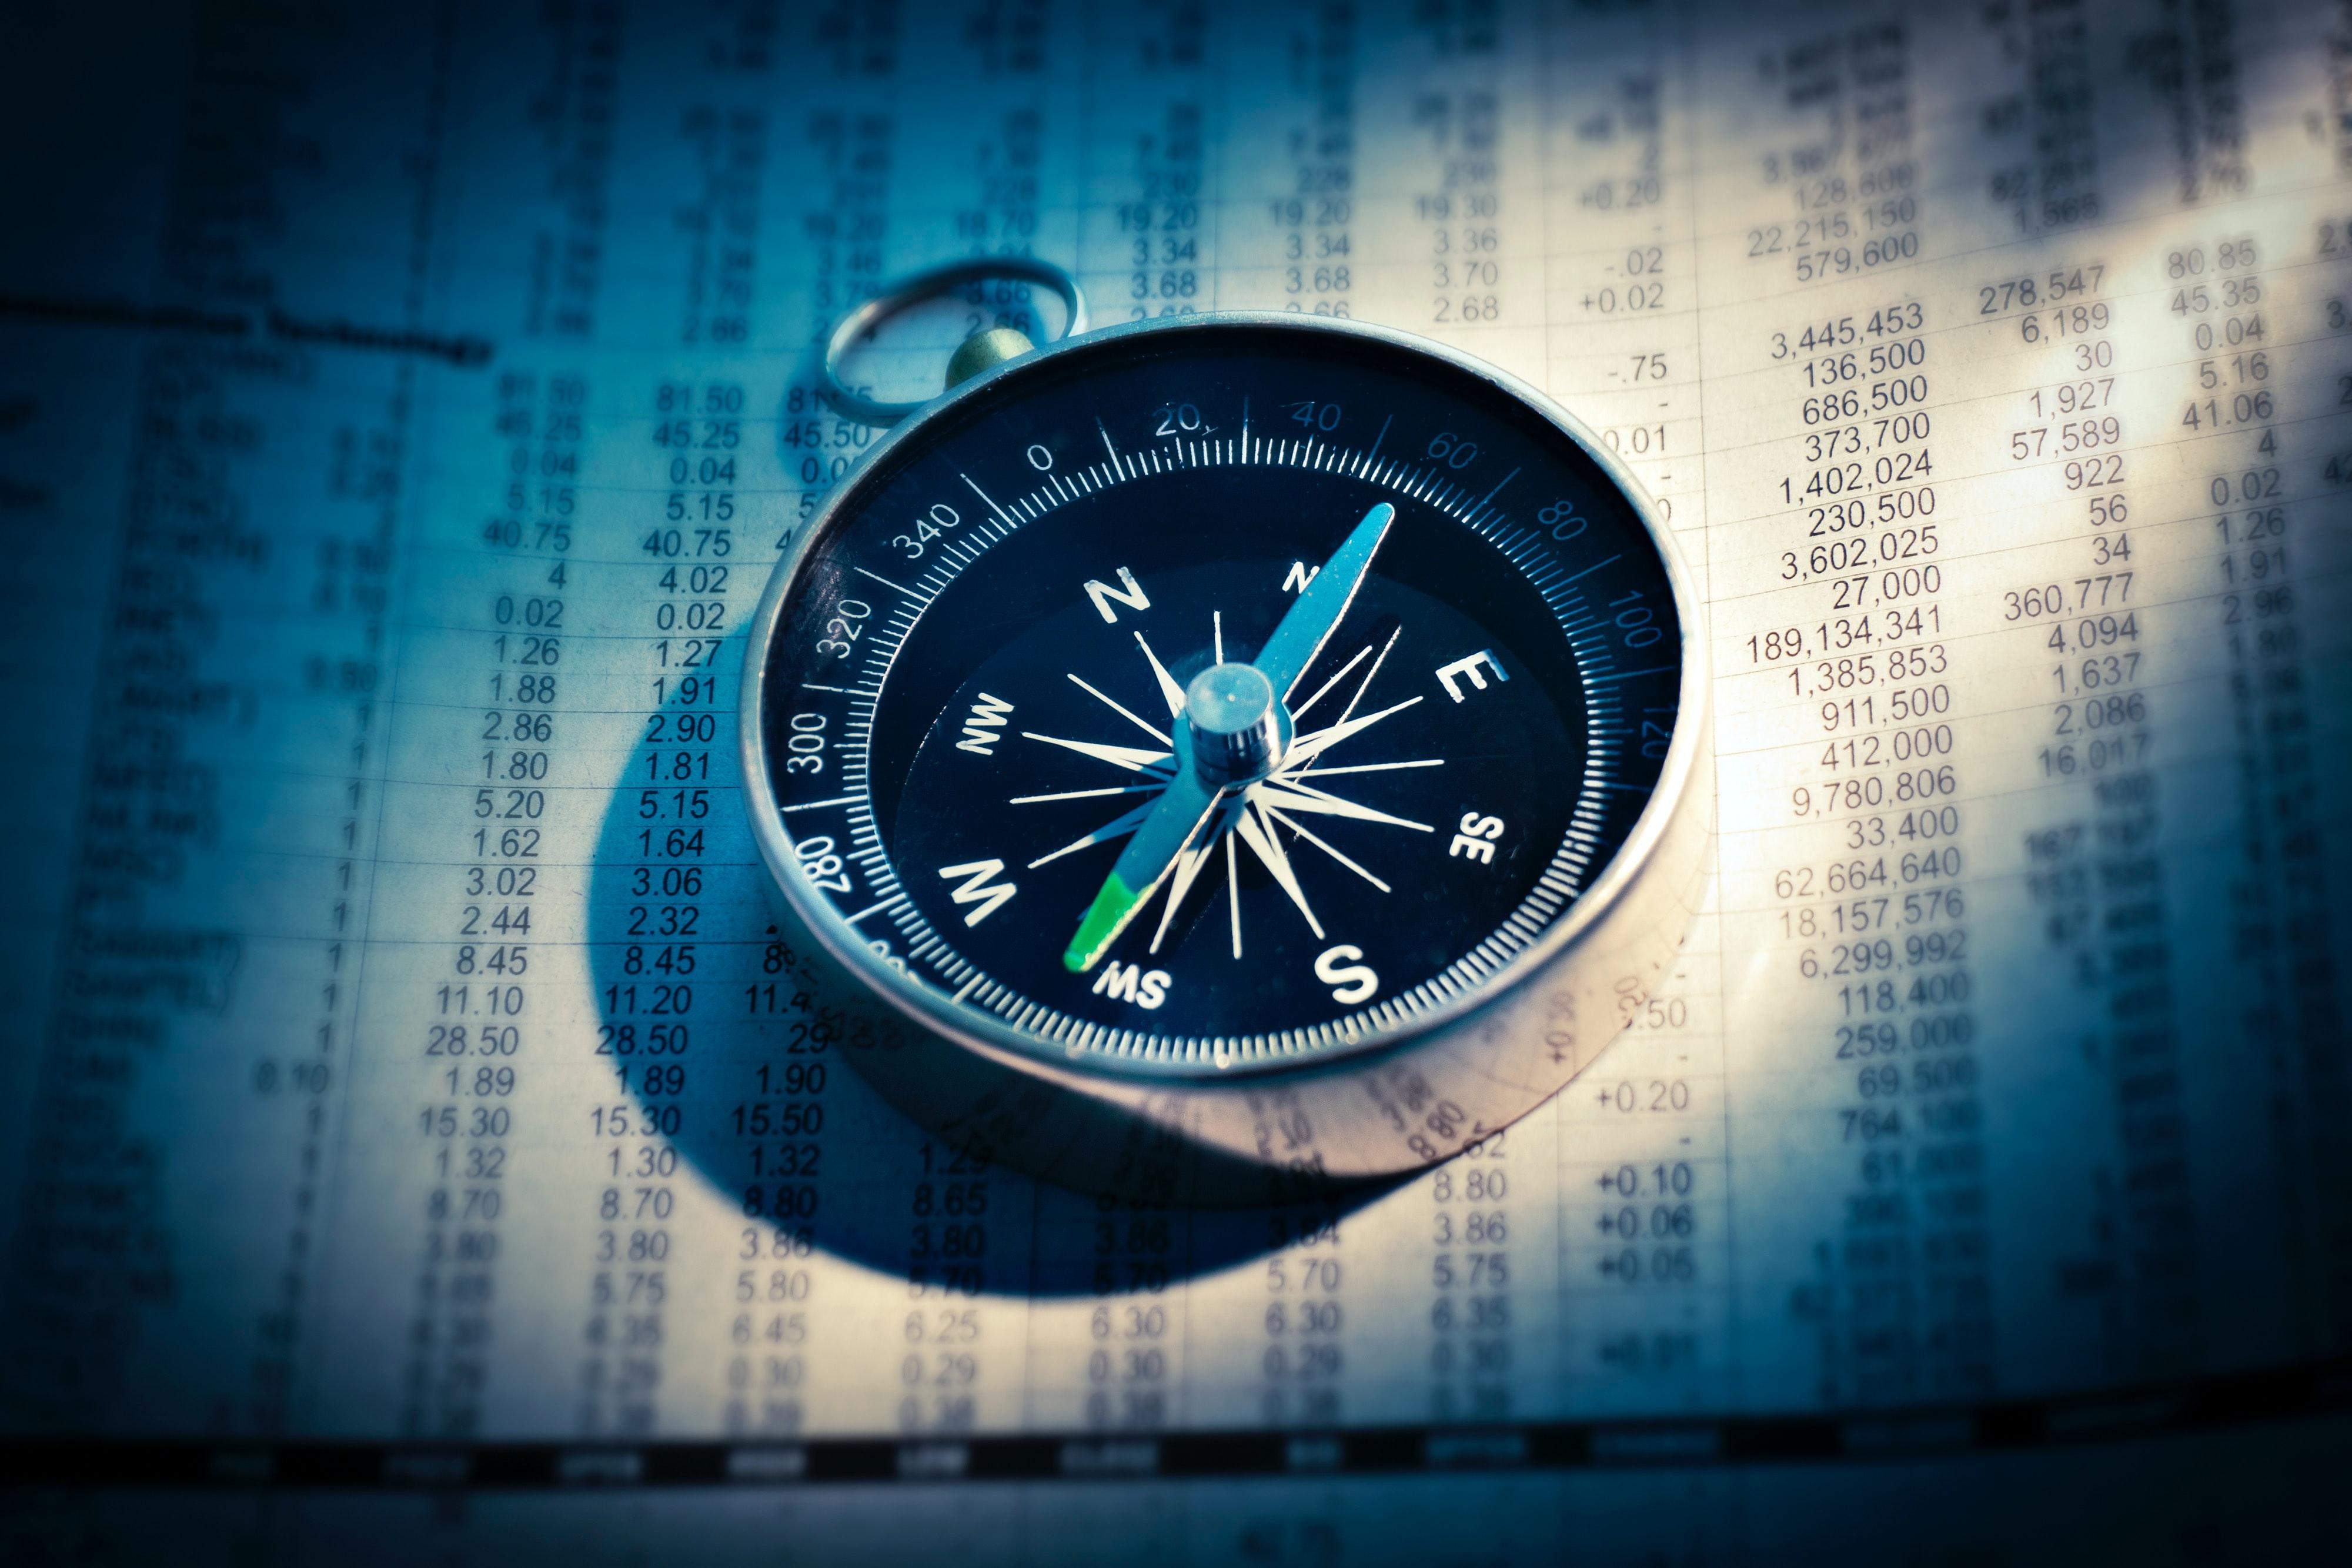 估值5000亿元,如何评价TikTok开启Pre-IPO融资